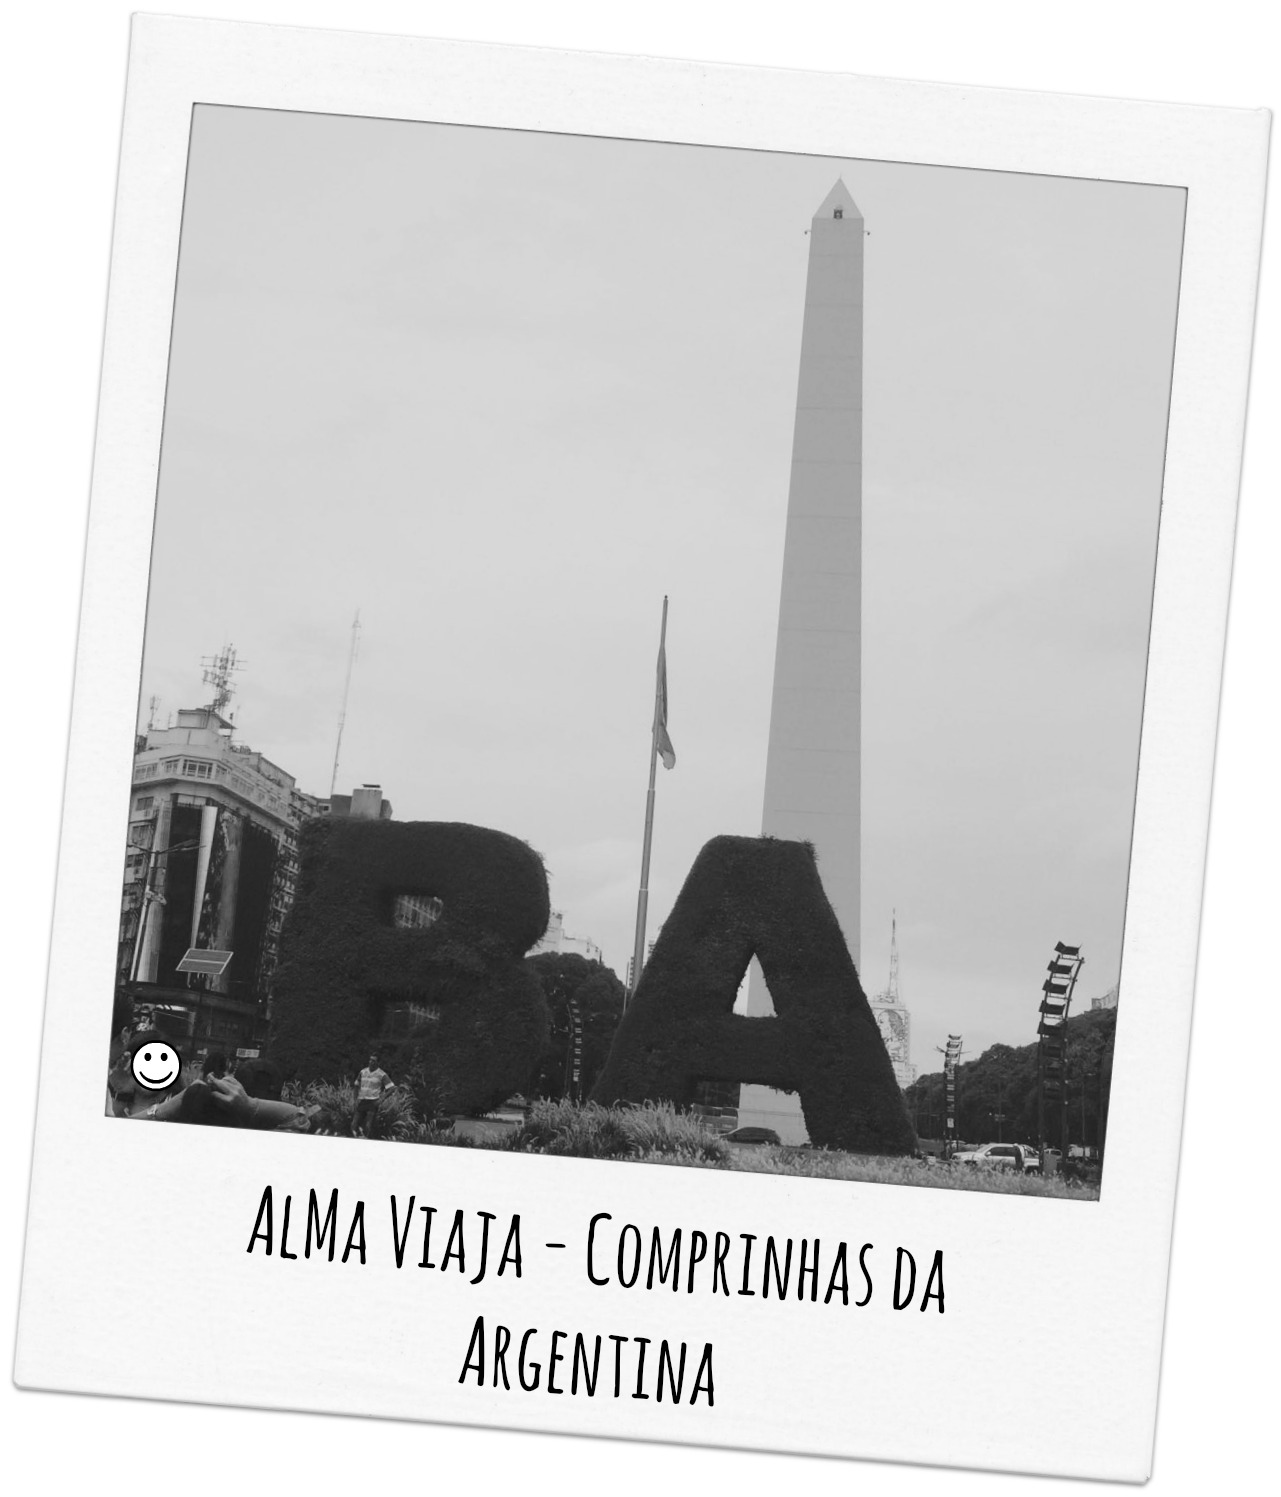 AlMa Viaja - Comprinhas da Argentina